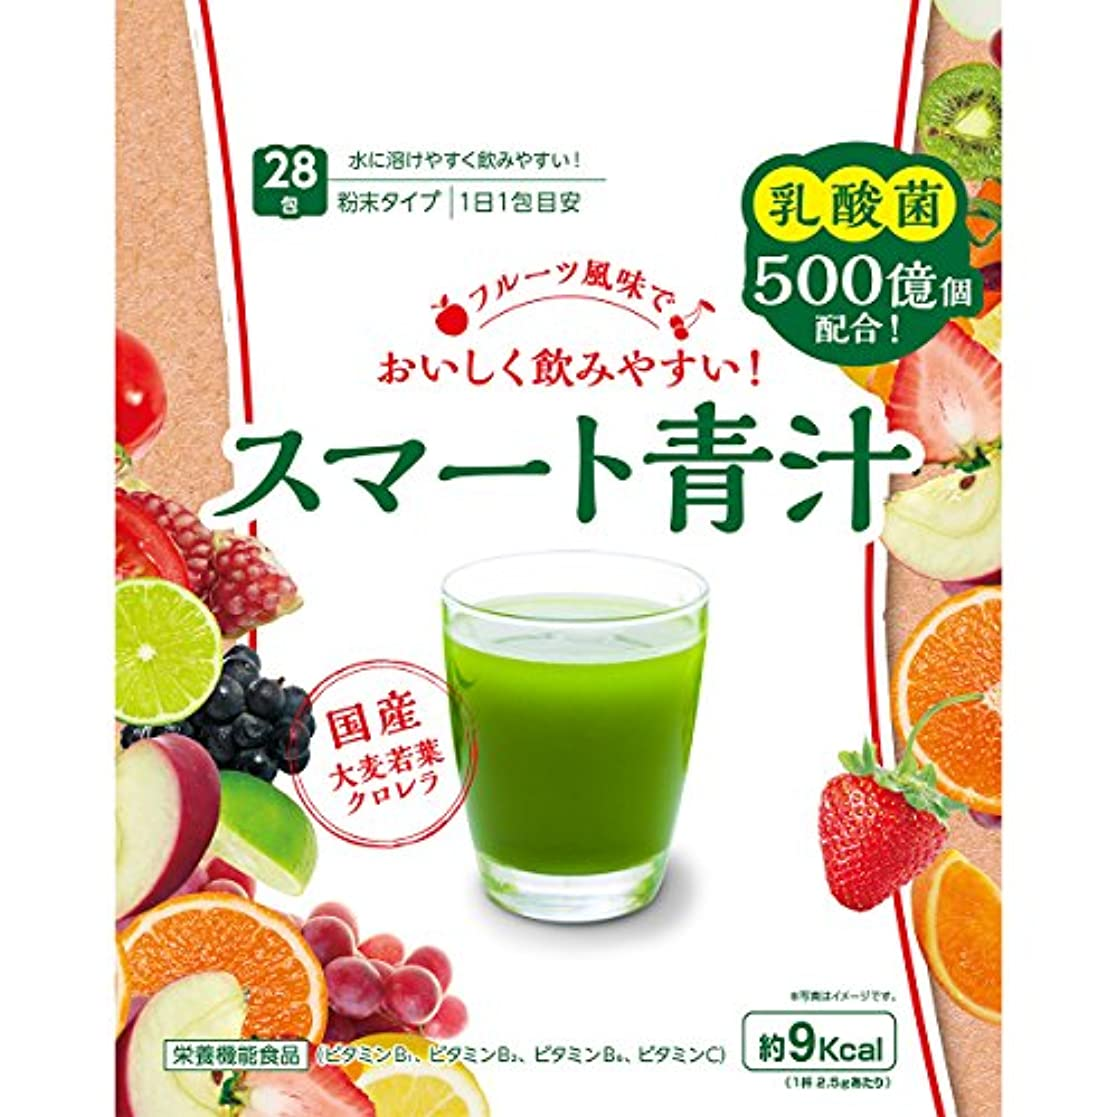 施設絡み合いディレイスベルティ スマート青汁 28包  【栄養機能食品】